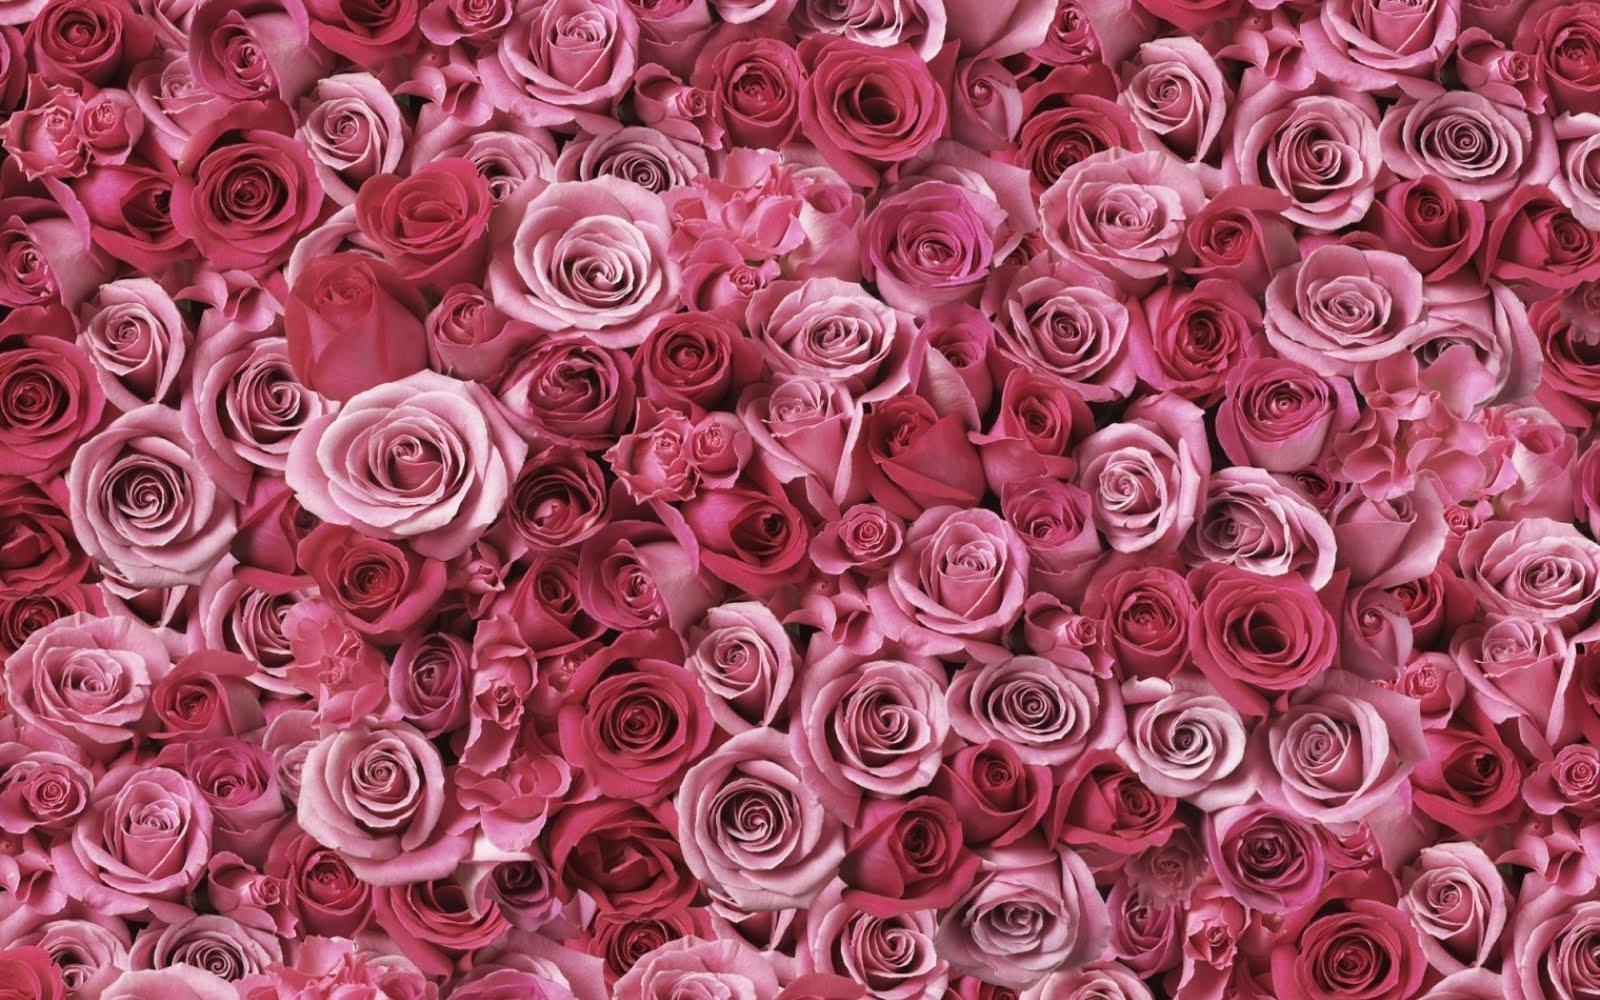 http://2.bp.blogspot.com/-GsSmH6r_N0U/TnHUvfMOA2I/AAAAAAAABVo/FTGQavAl-EM/s1600/Bunch+Rose.jpg